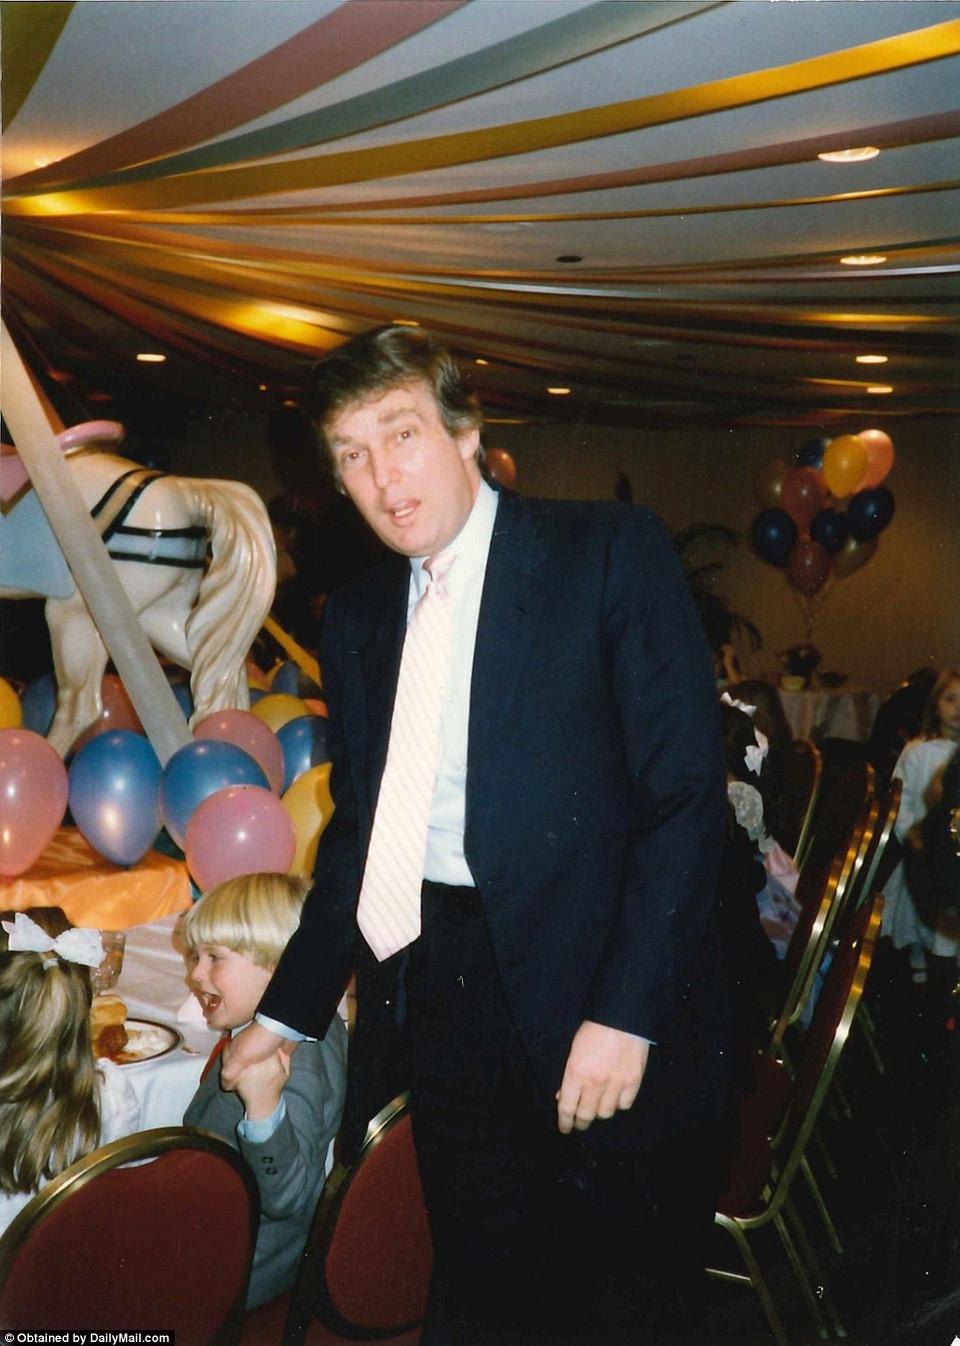 Семейные фотографии Дональда Трампа, найденные в комиссионном магазине 11